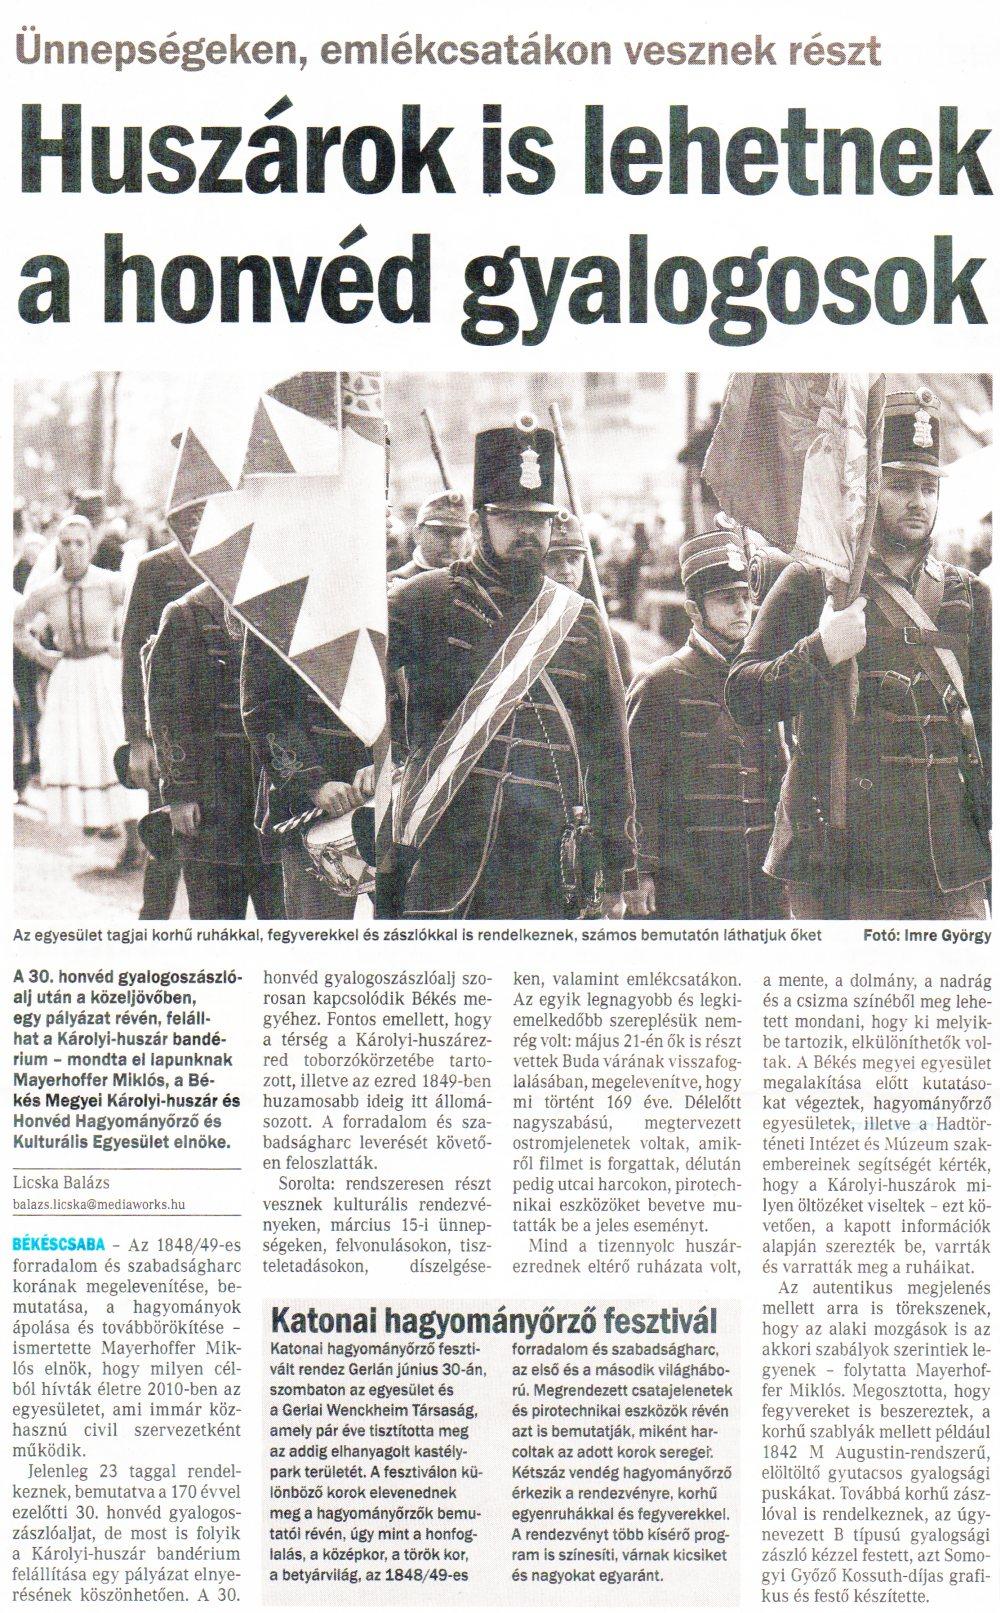 Békés Megyei Hírlap - Huszárok is lehetnek a honvéd gyalogosok - 2018.06.20.